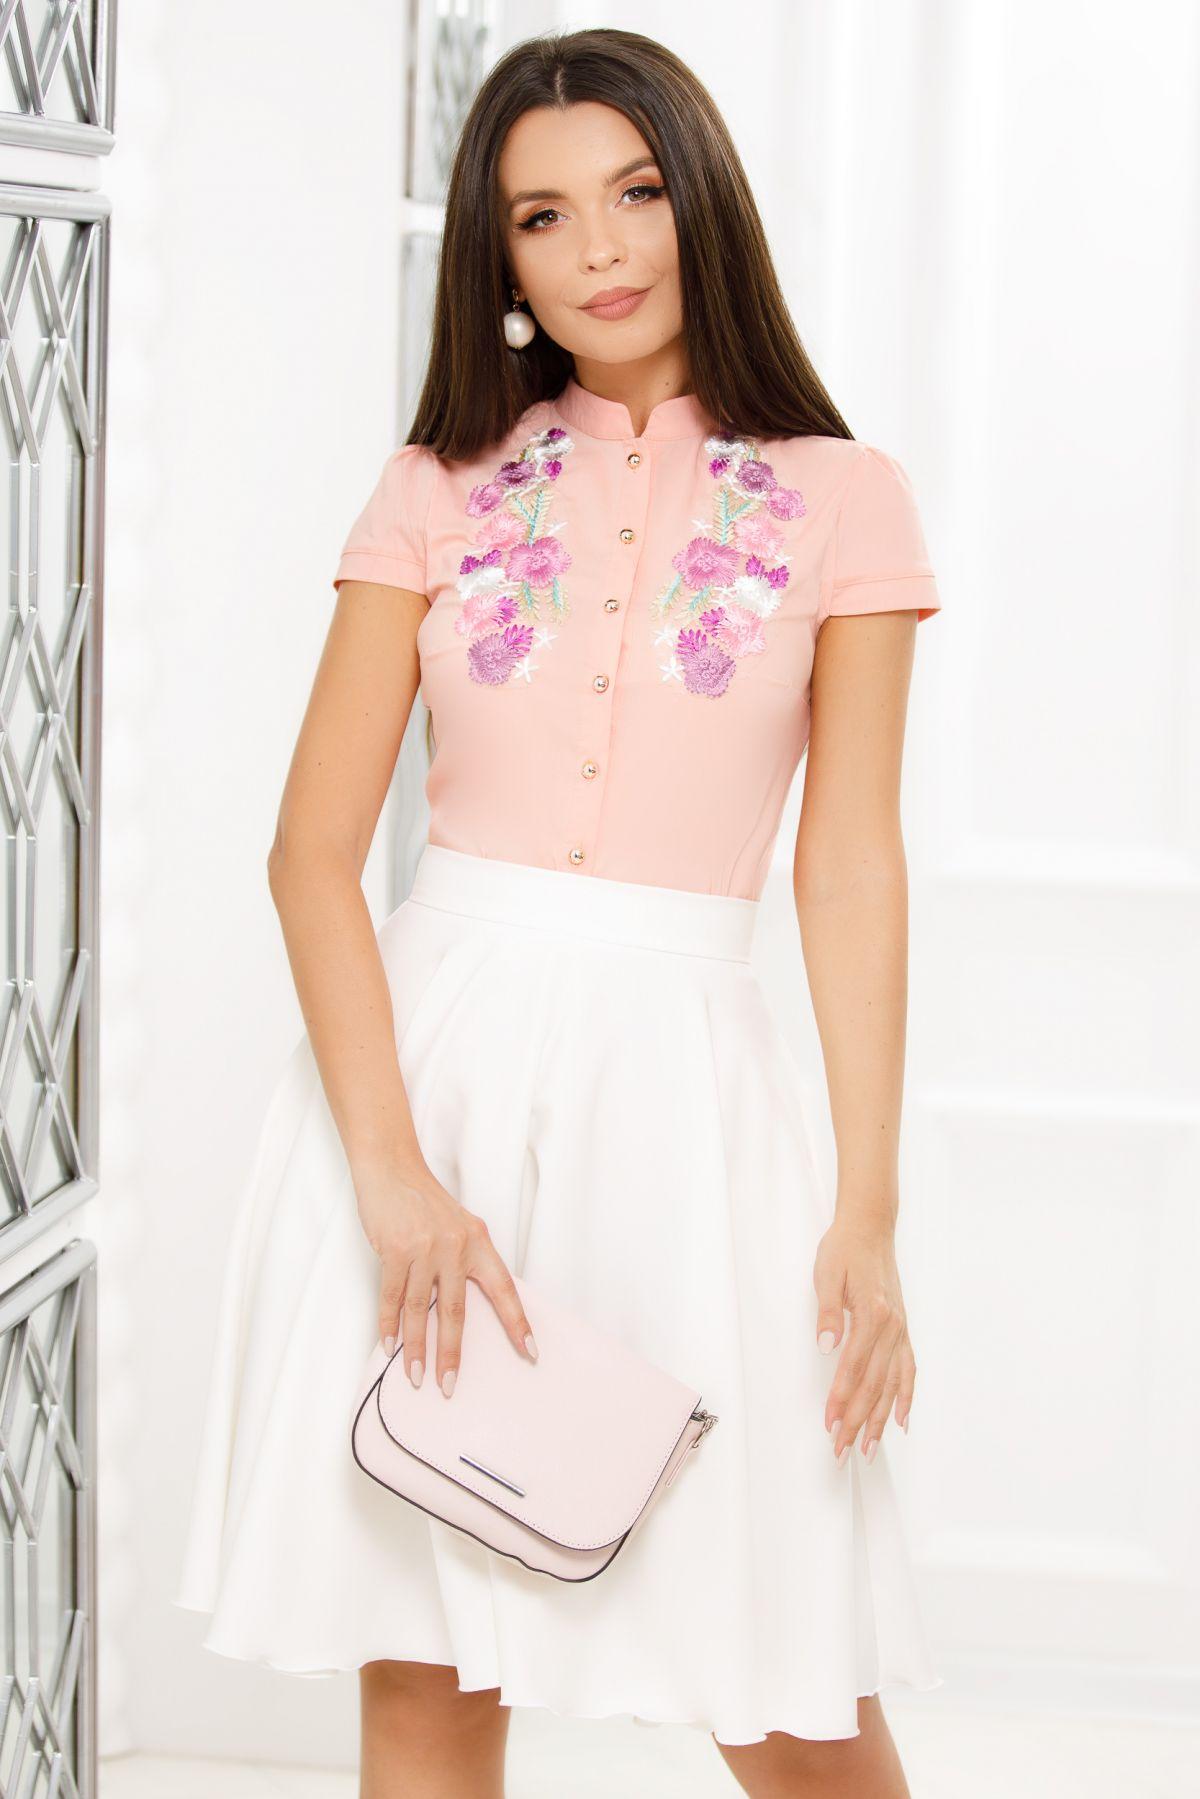 Camasa Fofy eleganta peach cu flori brodate colorate